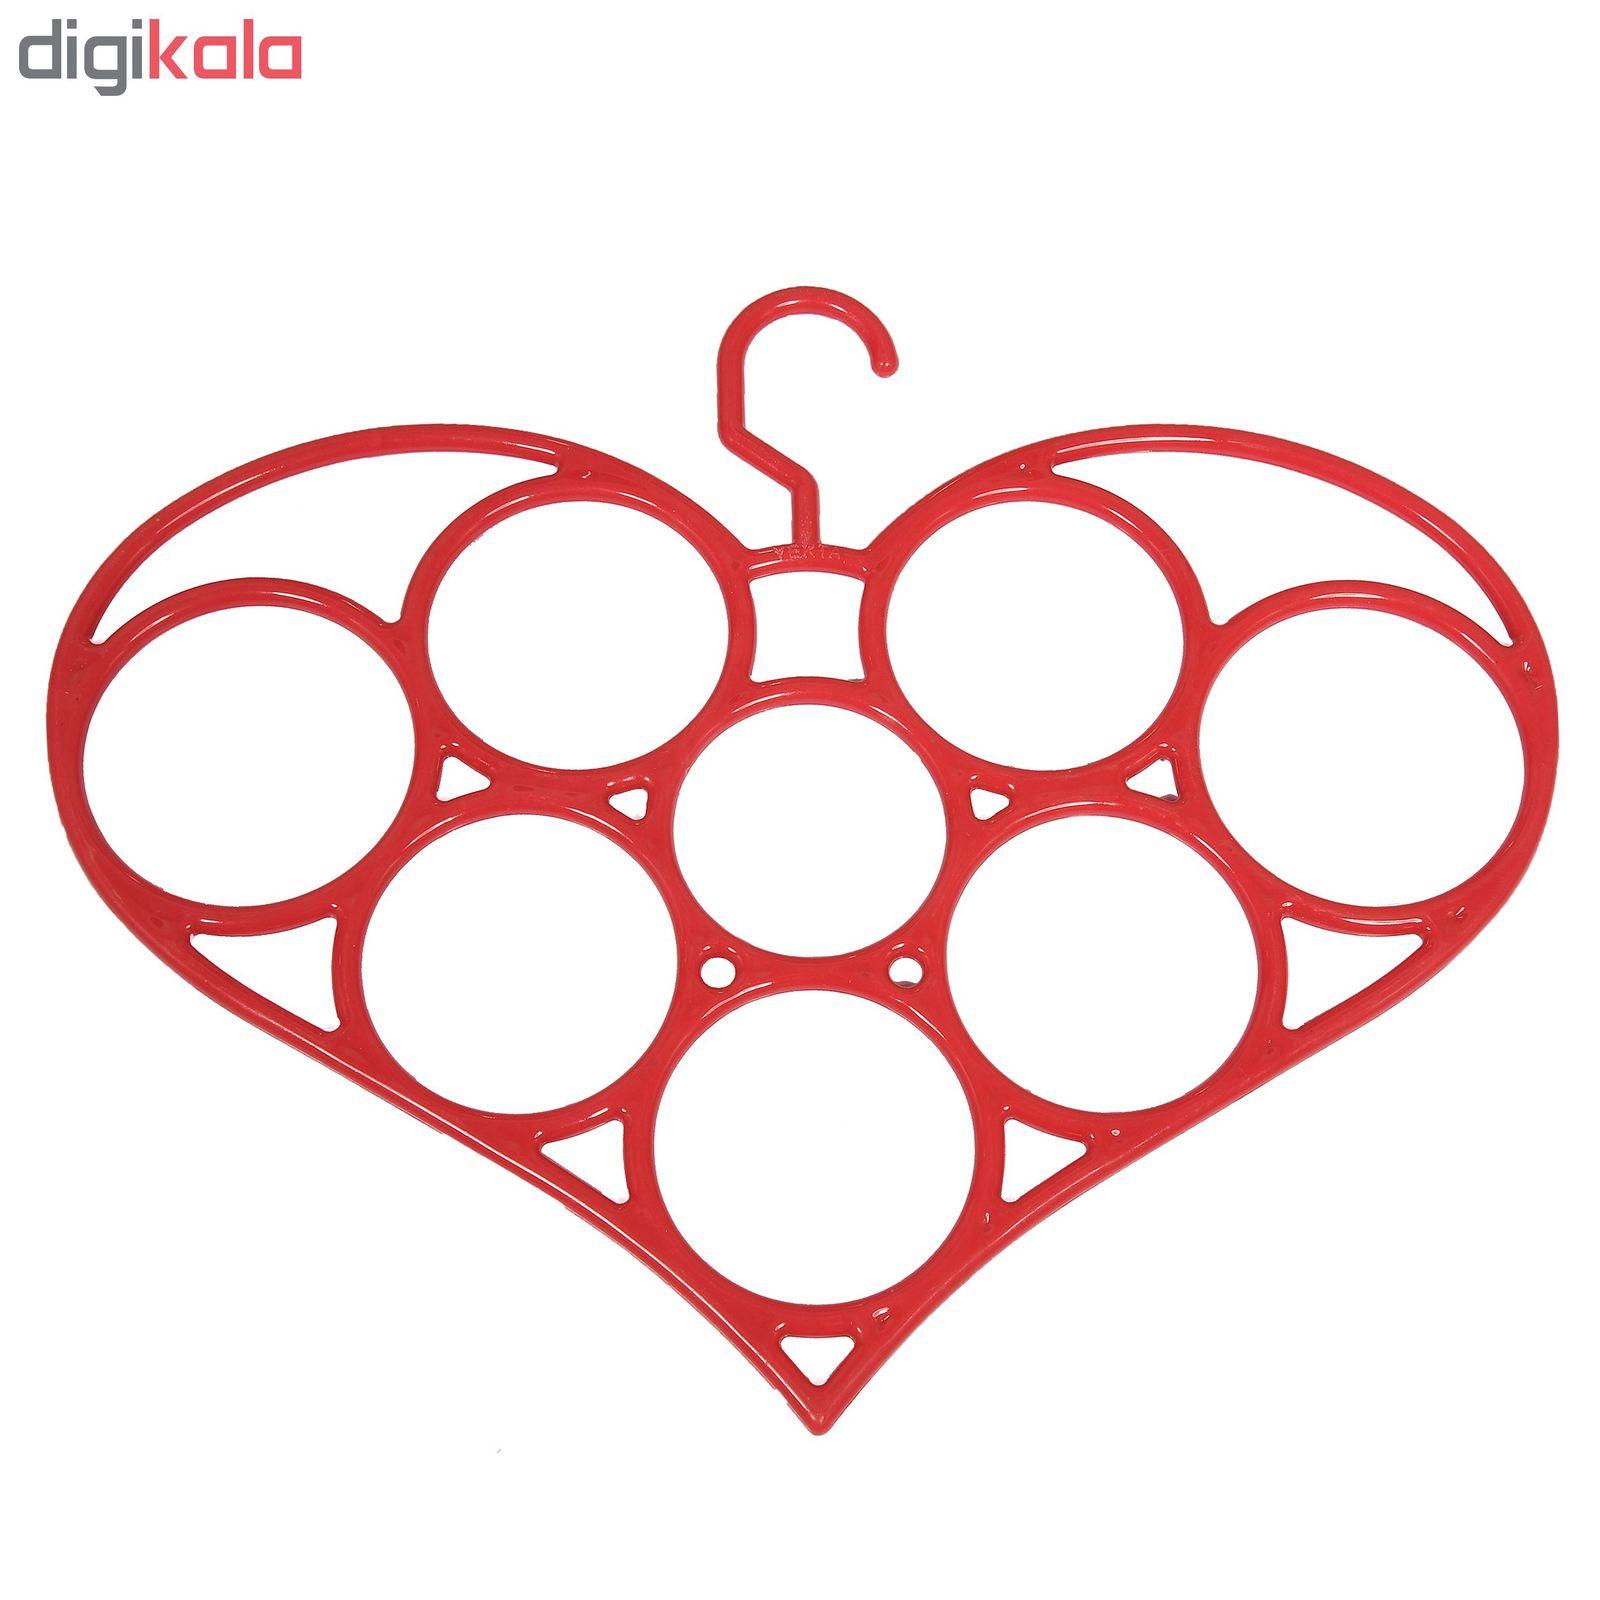 آویز شال و روسری طرح قلب مدل یکتا main 1 1